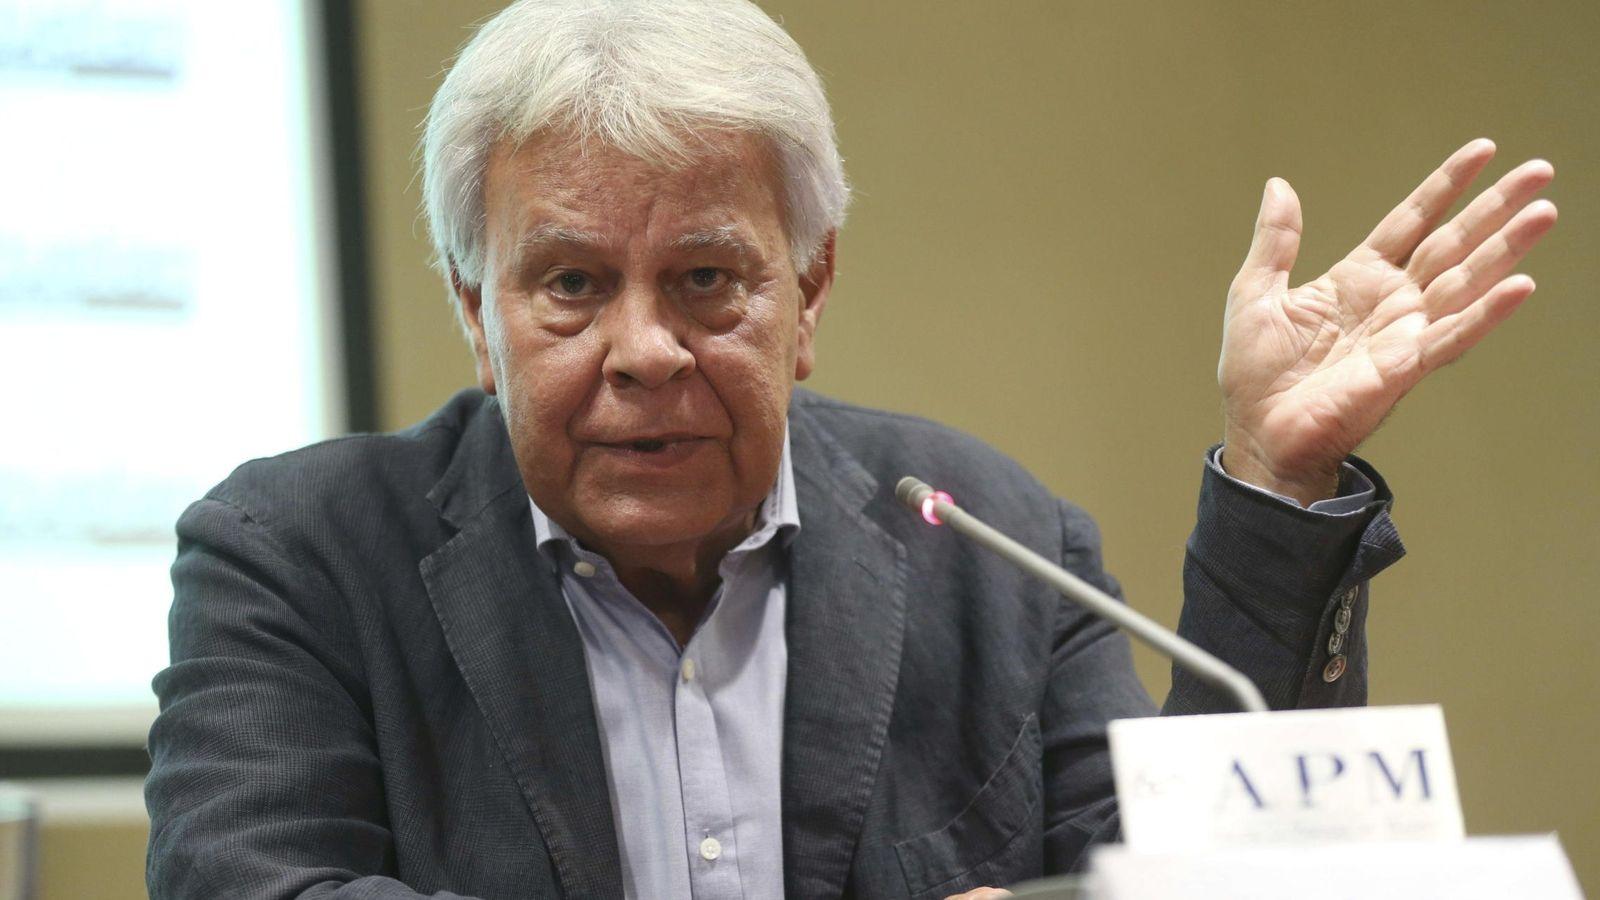 Foto: El expresidente del Gobierno Felipe González durante la rueda de prensa en la Asociación de la Prensa de Madrid. (EFE)